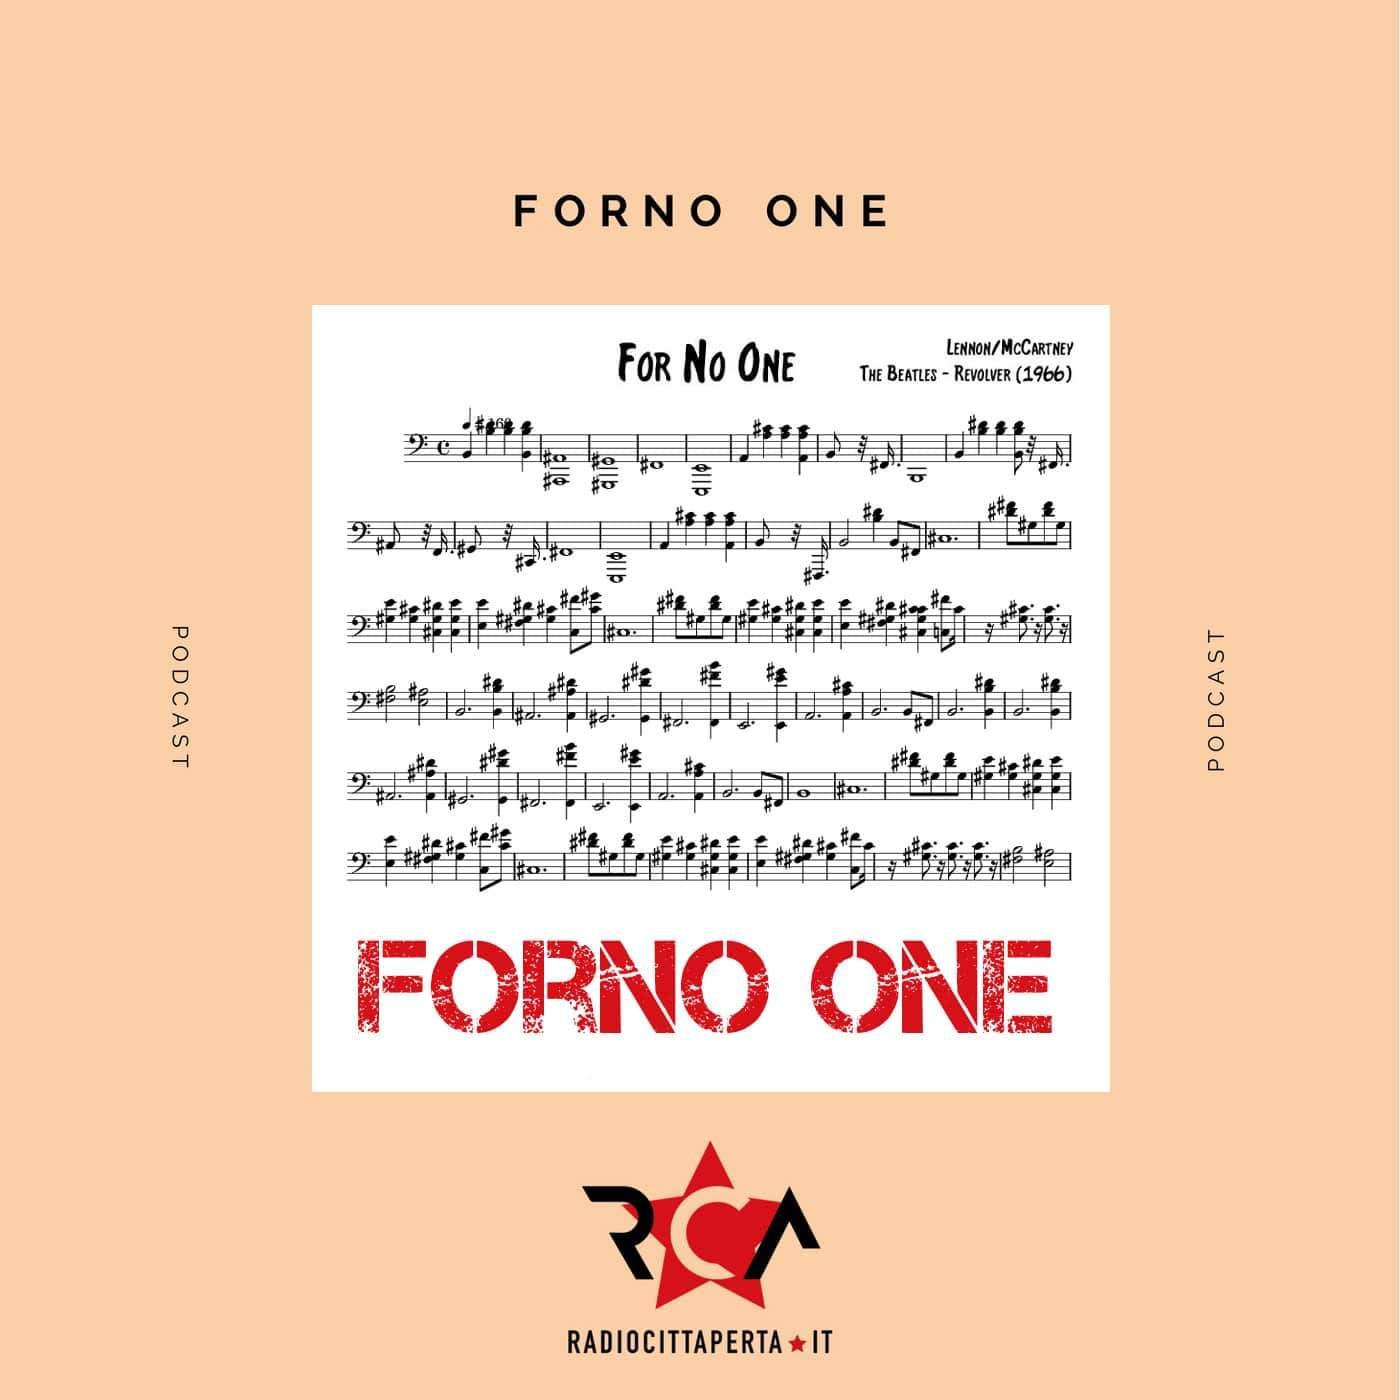 FORNO ONE con FABRIZIO MR FORNO ONE del 14-11-2019